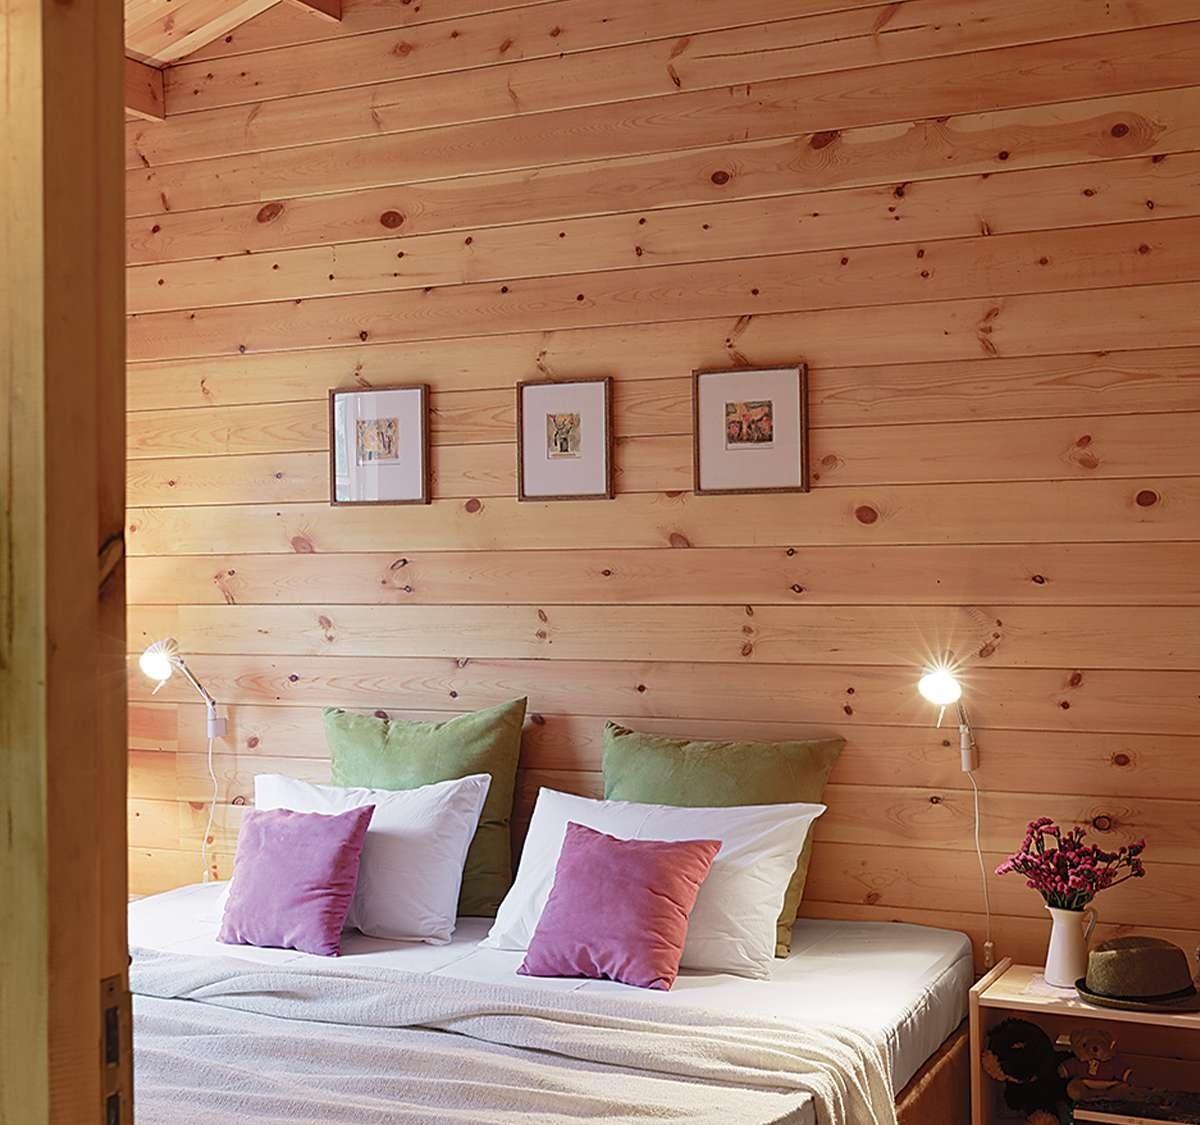 Phòng ngủ êm ái, nhẹ nhàng và tối giản.